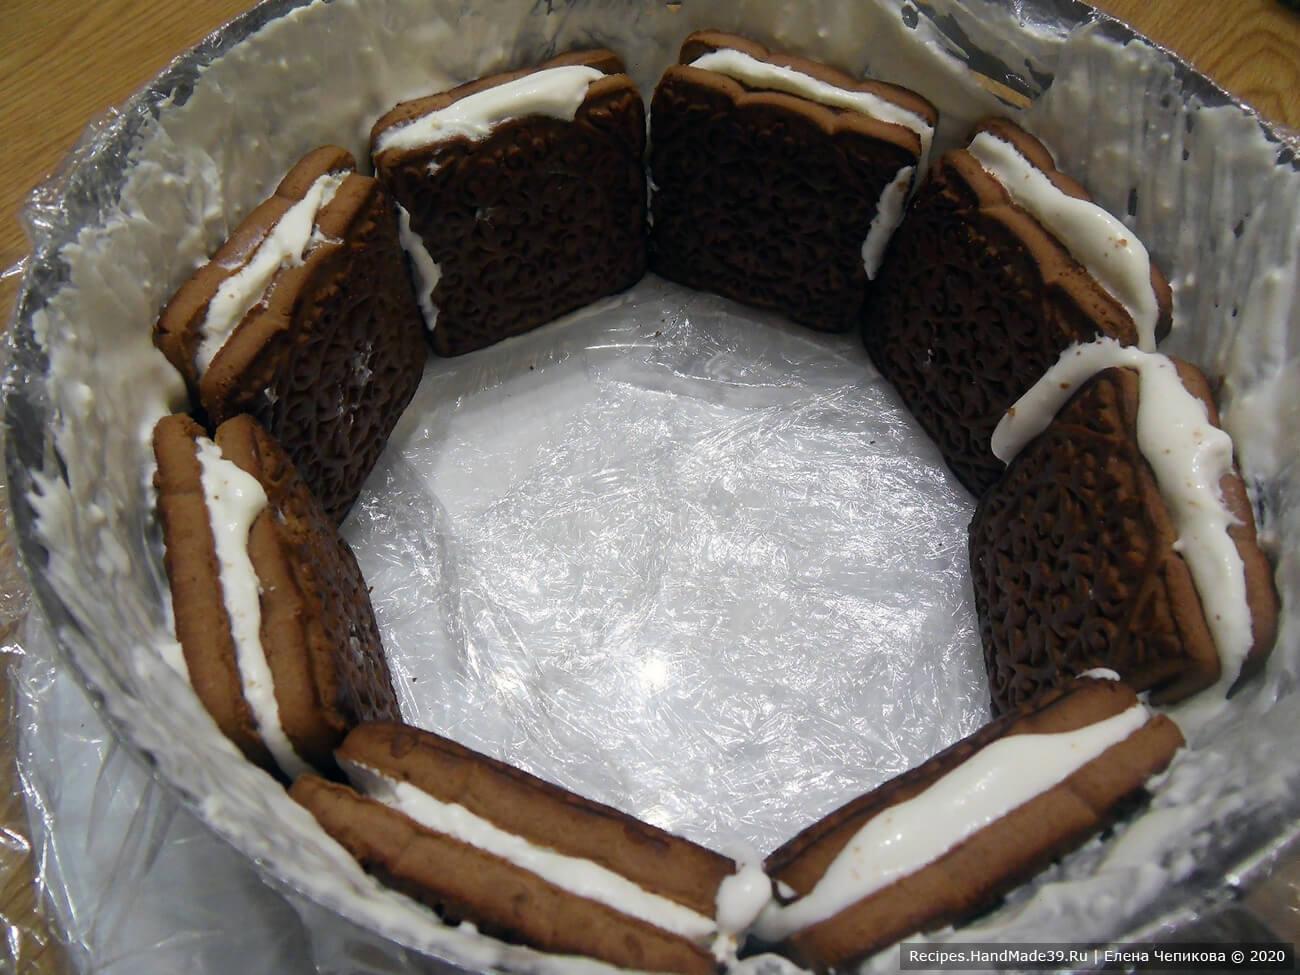 Вертикально выложить первый слой печенья по окружности